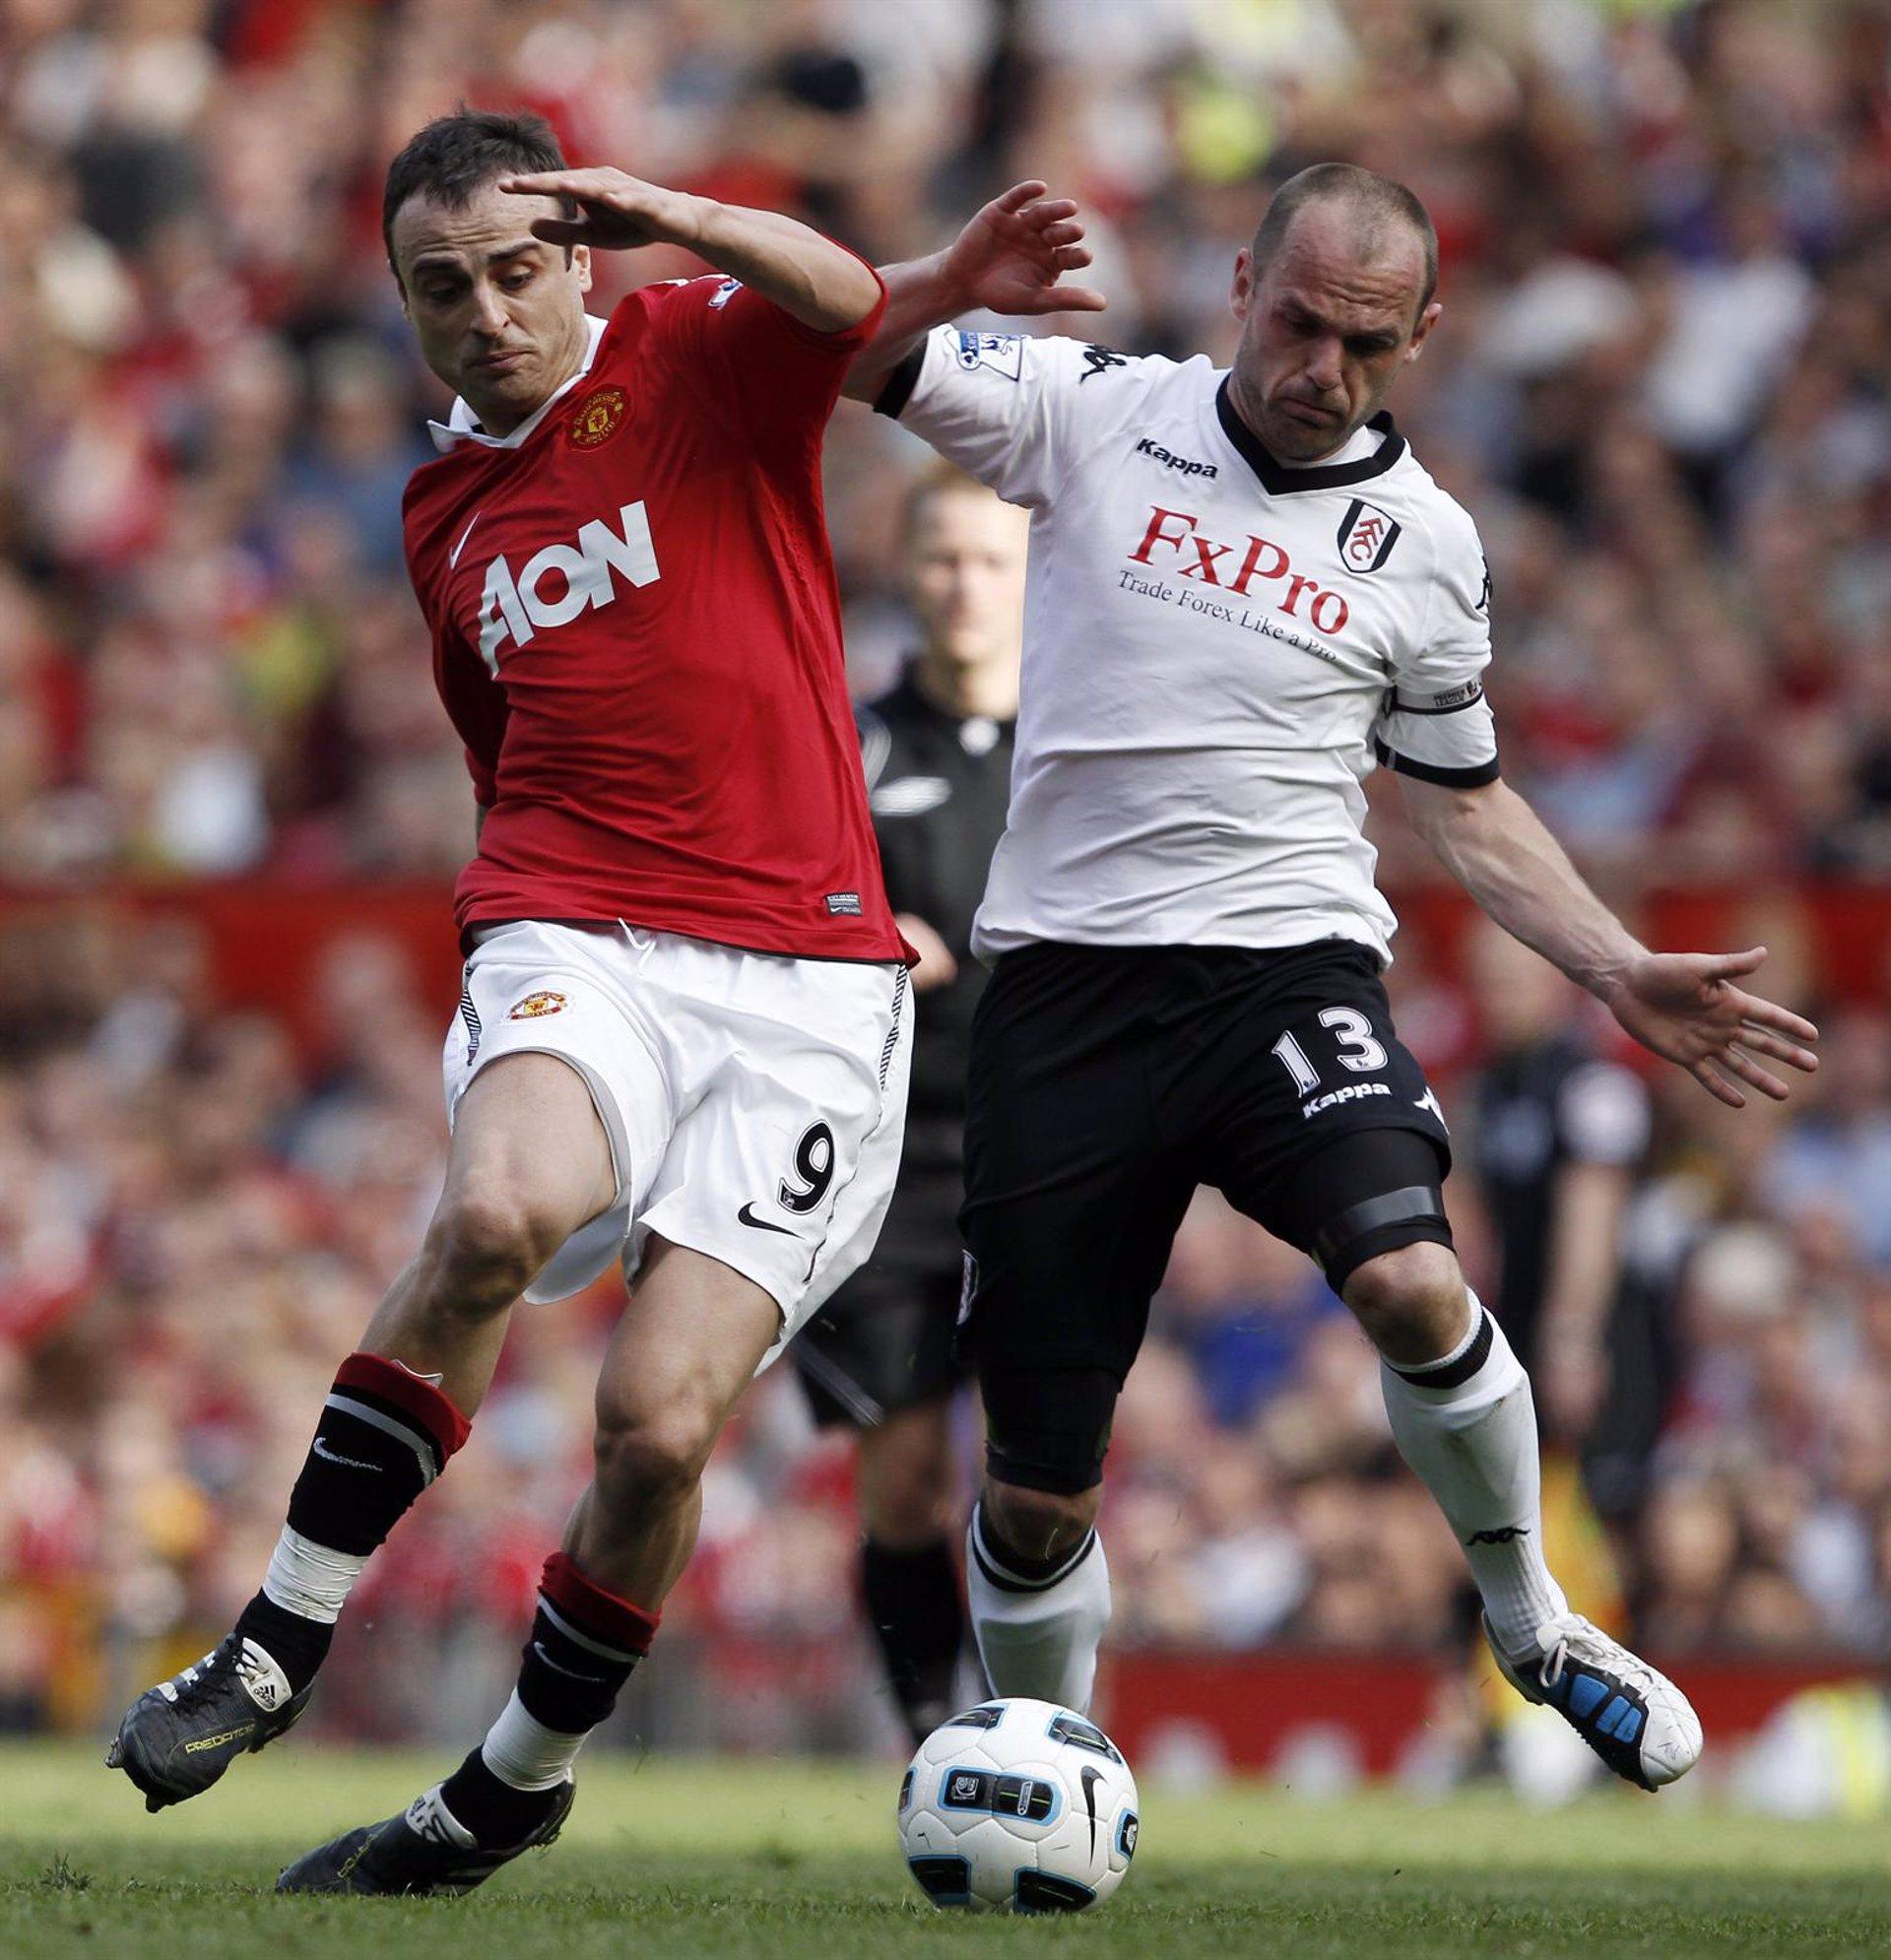 Fútbol/Premier. (Crónica) (Crónica) Fútbol/Premier. El Manchester United prosigue su camino  6802e8